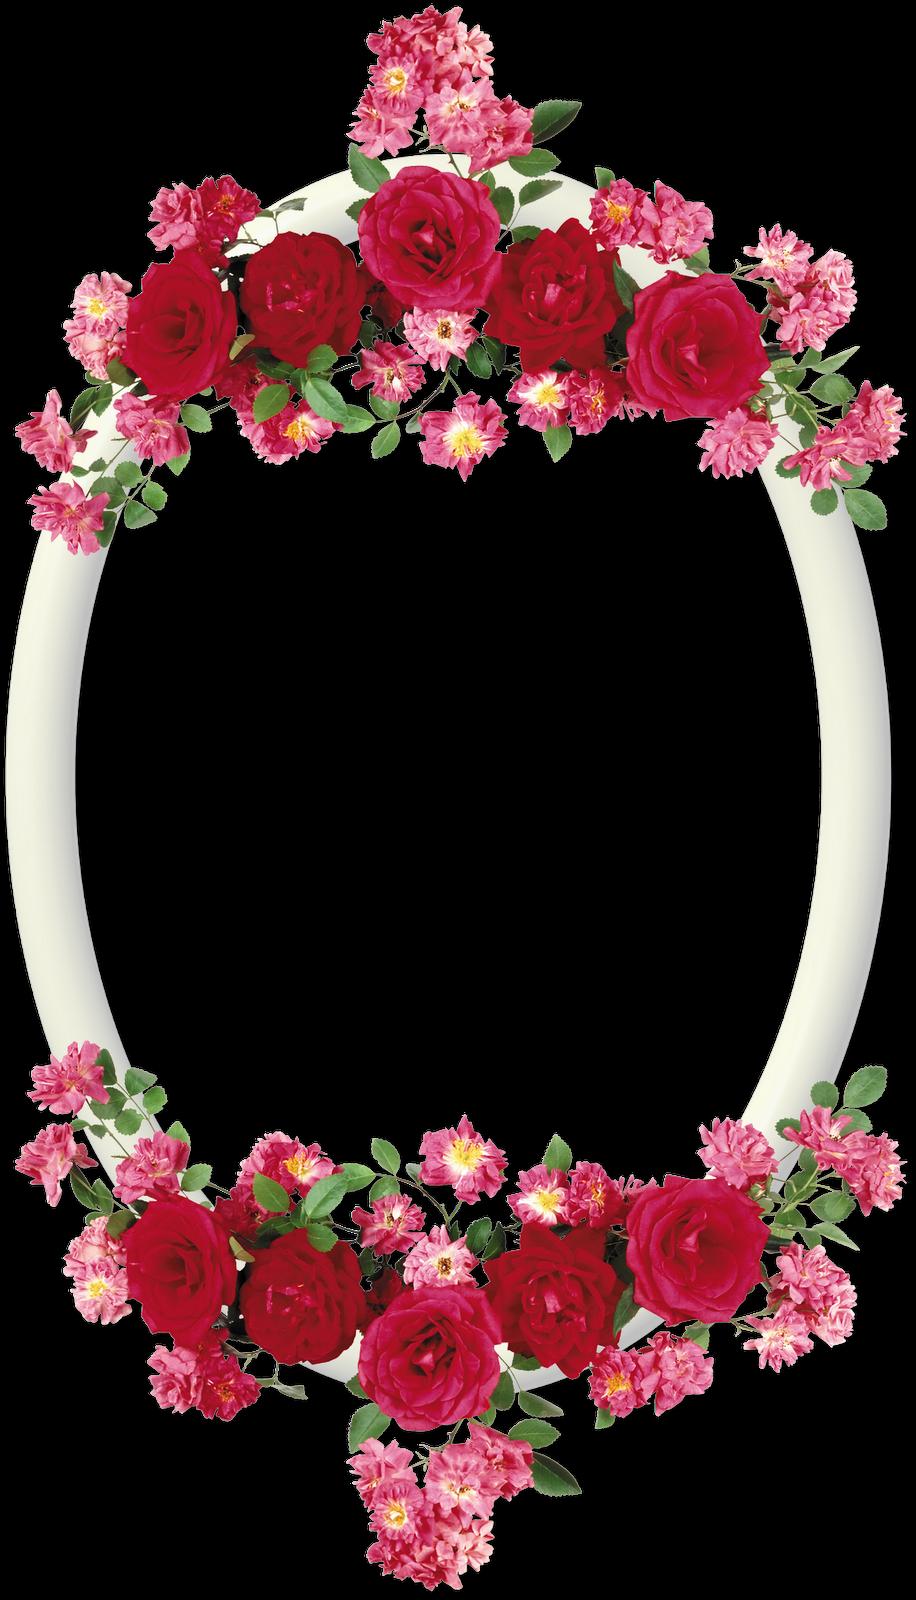 Marcos para fotos marcos ovalados con flores template - Marcos de cuadros para fotos ...